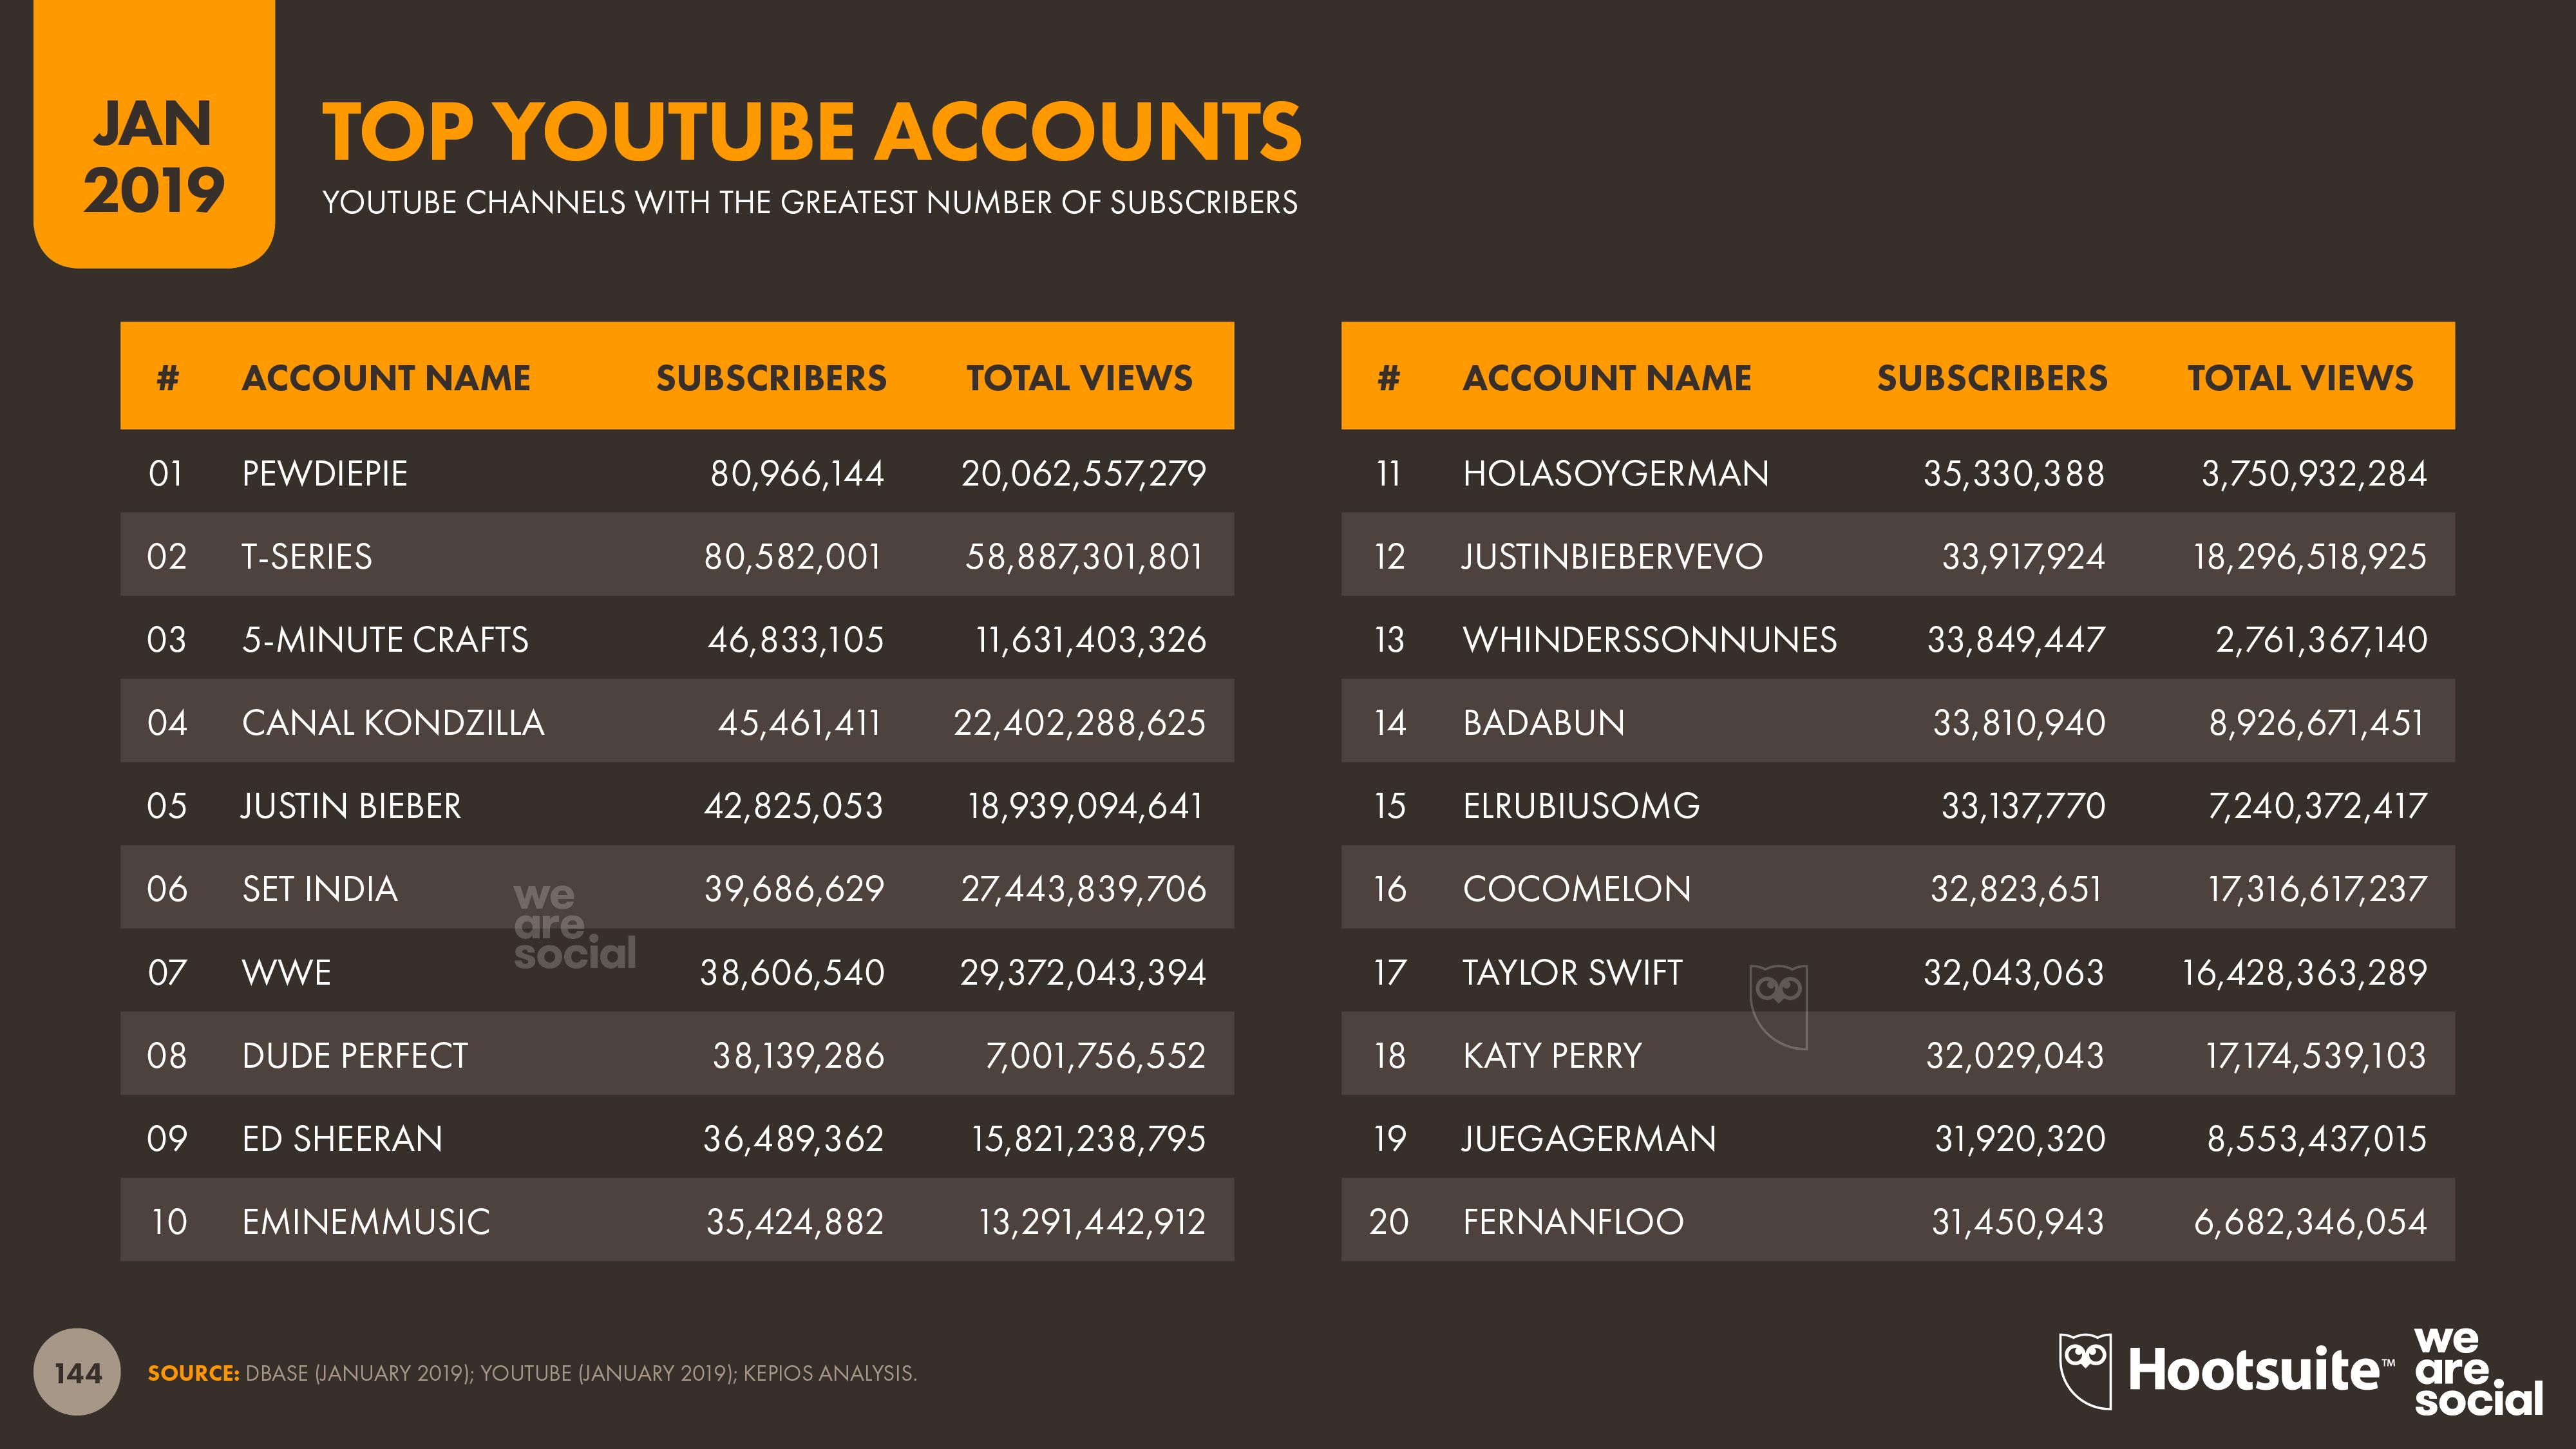 Digital 2019 Global Overview Images v01 - Slide 144 YouTube Top Accounts